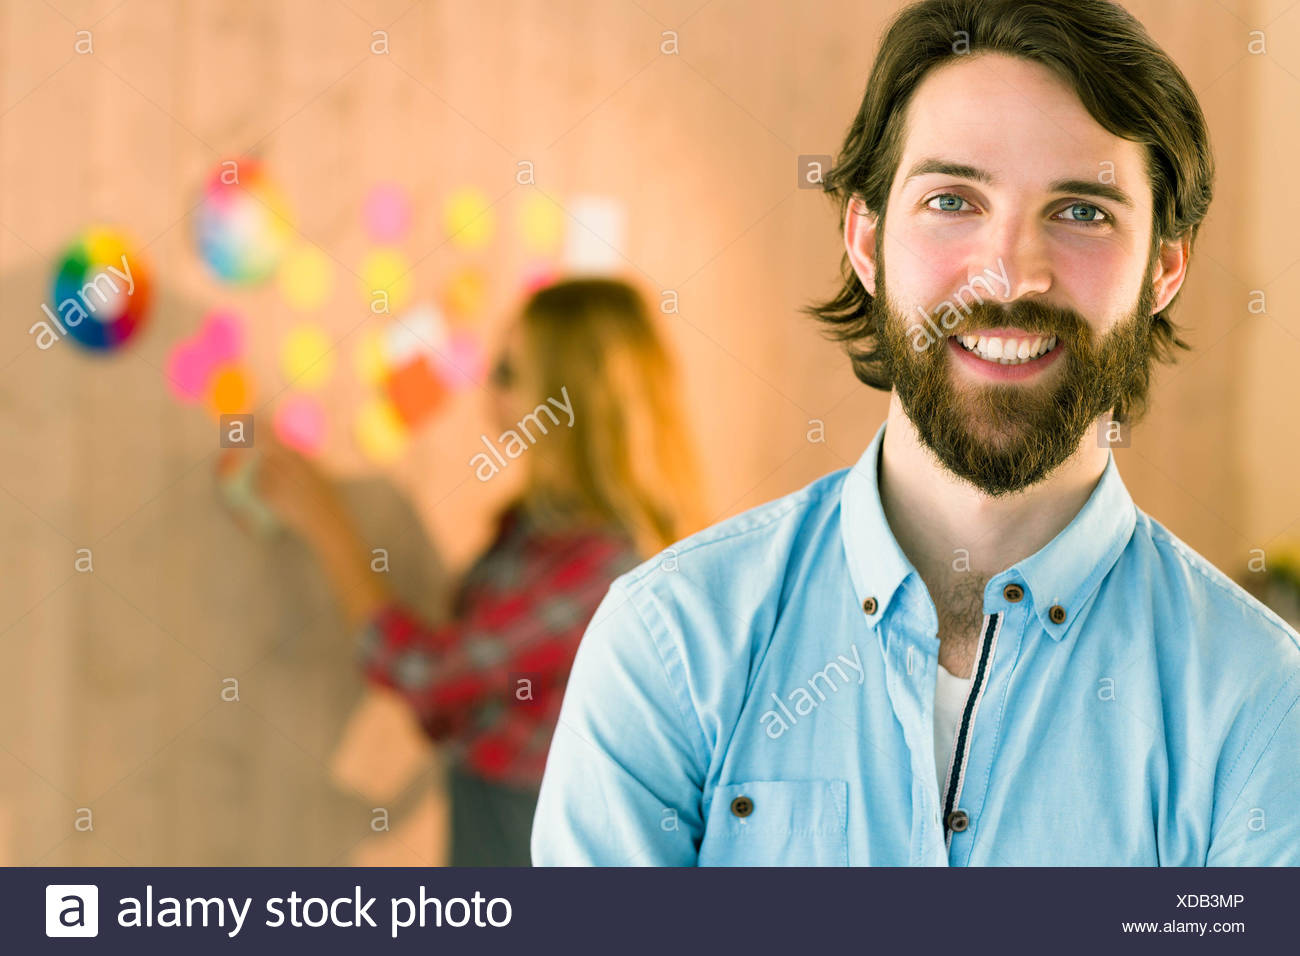 Creative man smiling at camera - Stock Image